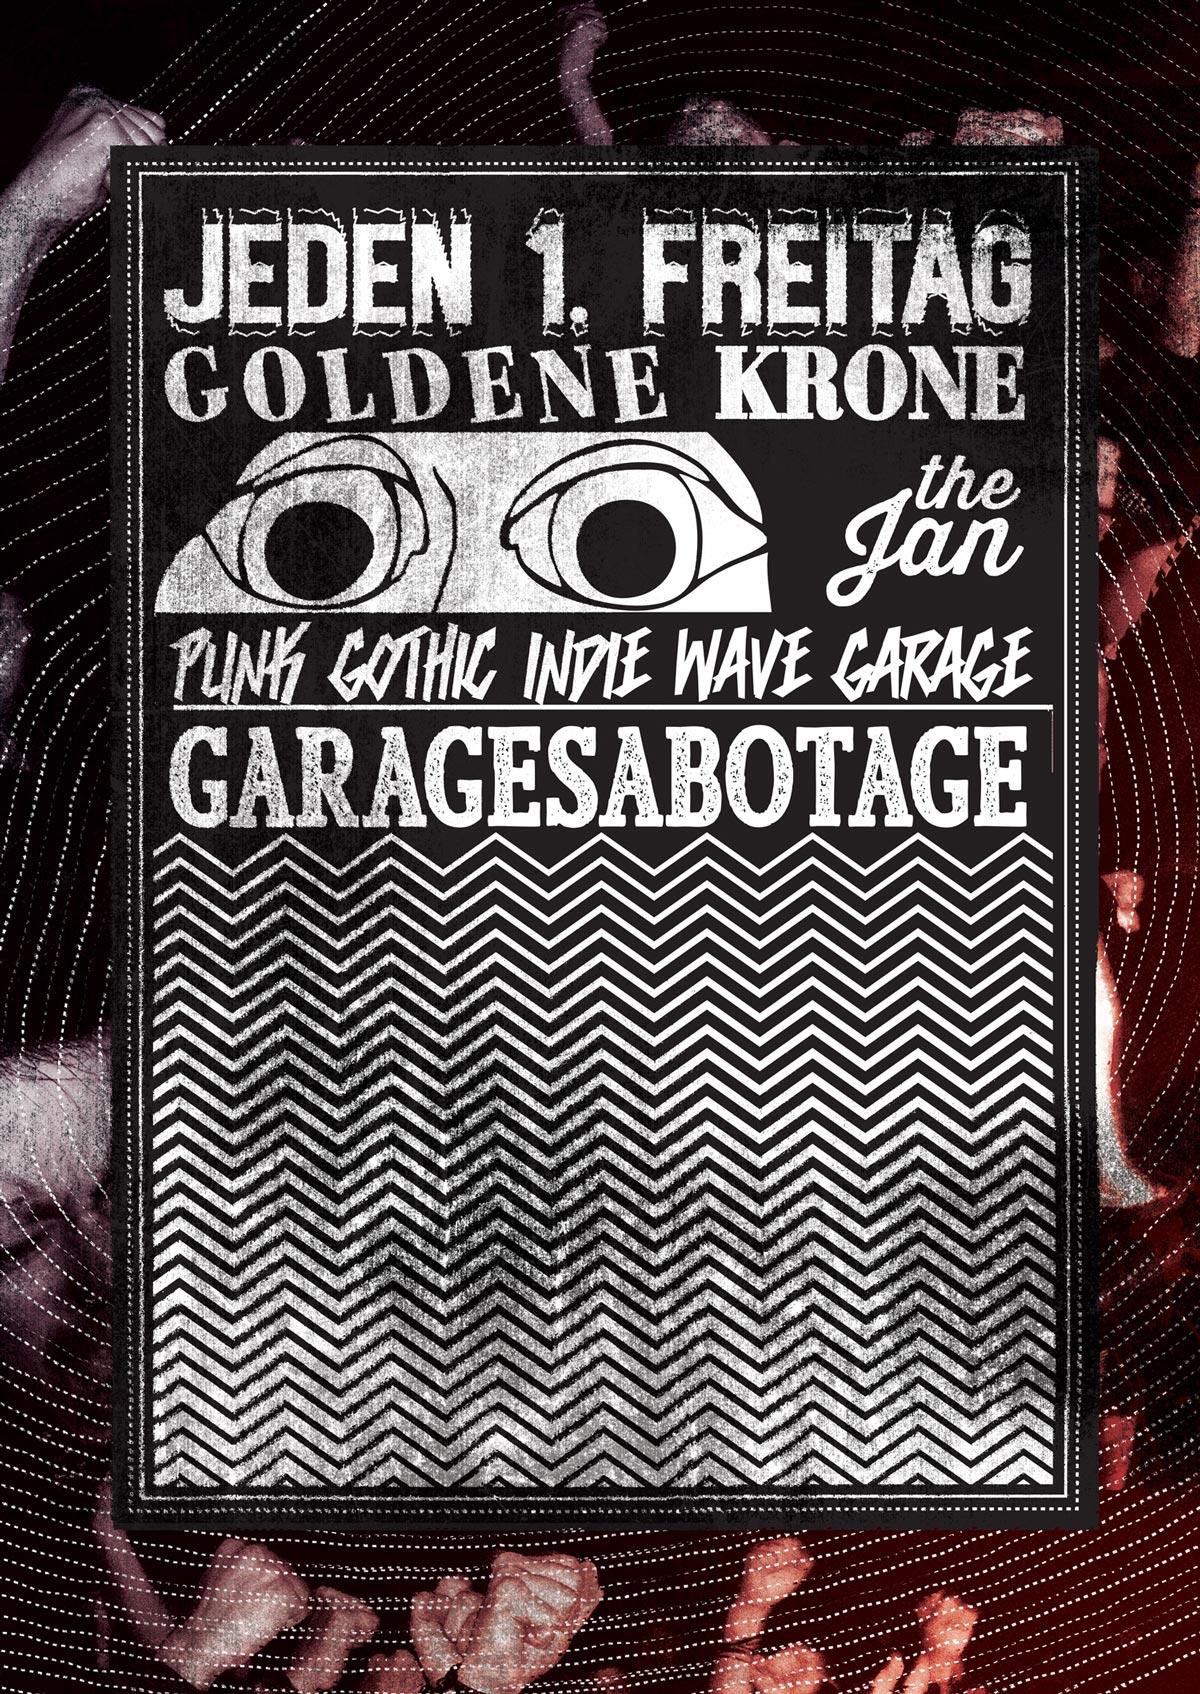 Garagesabotage